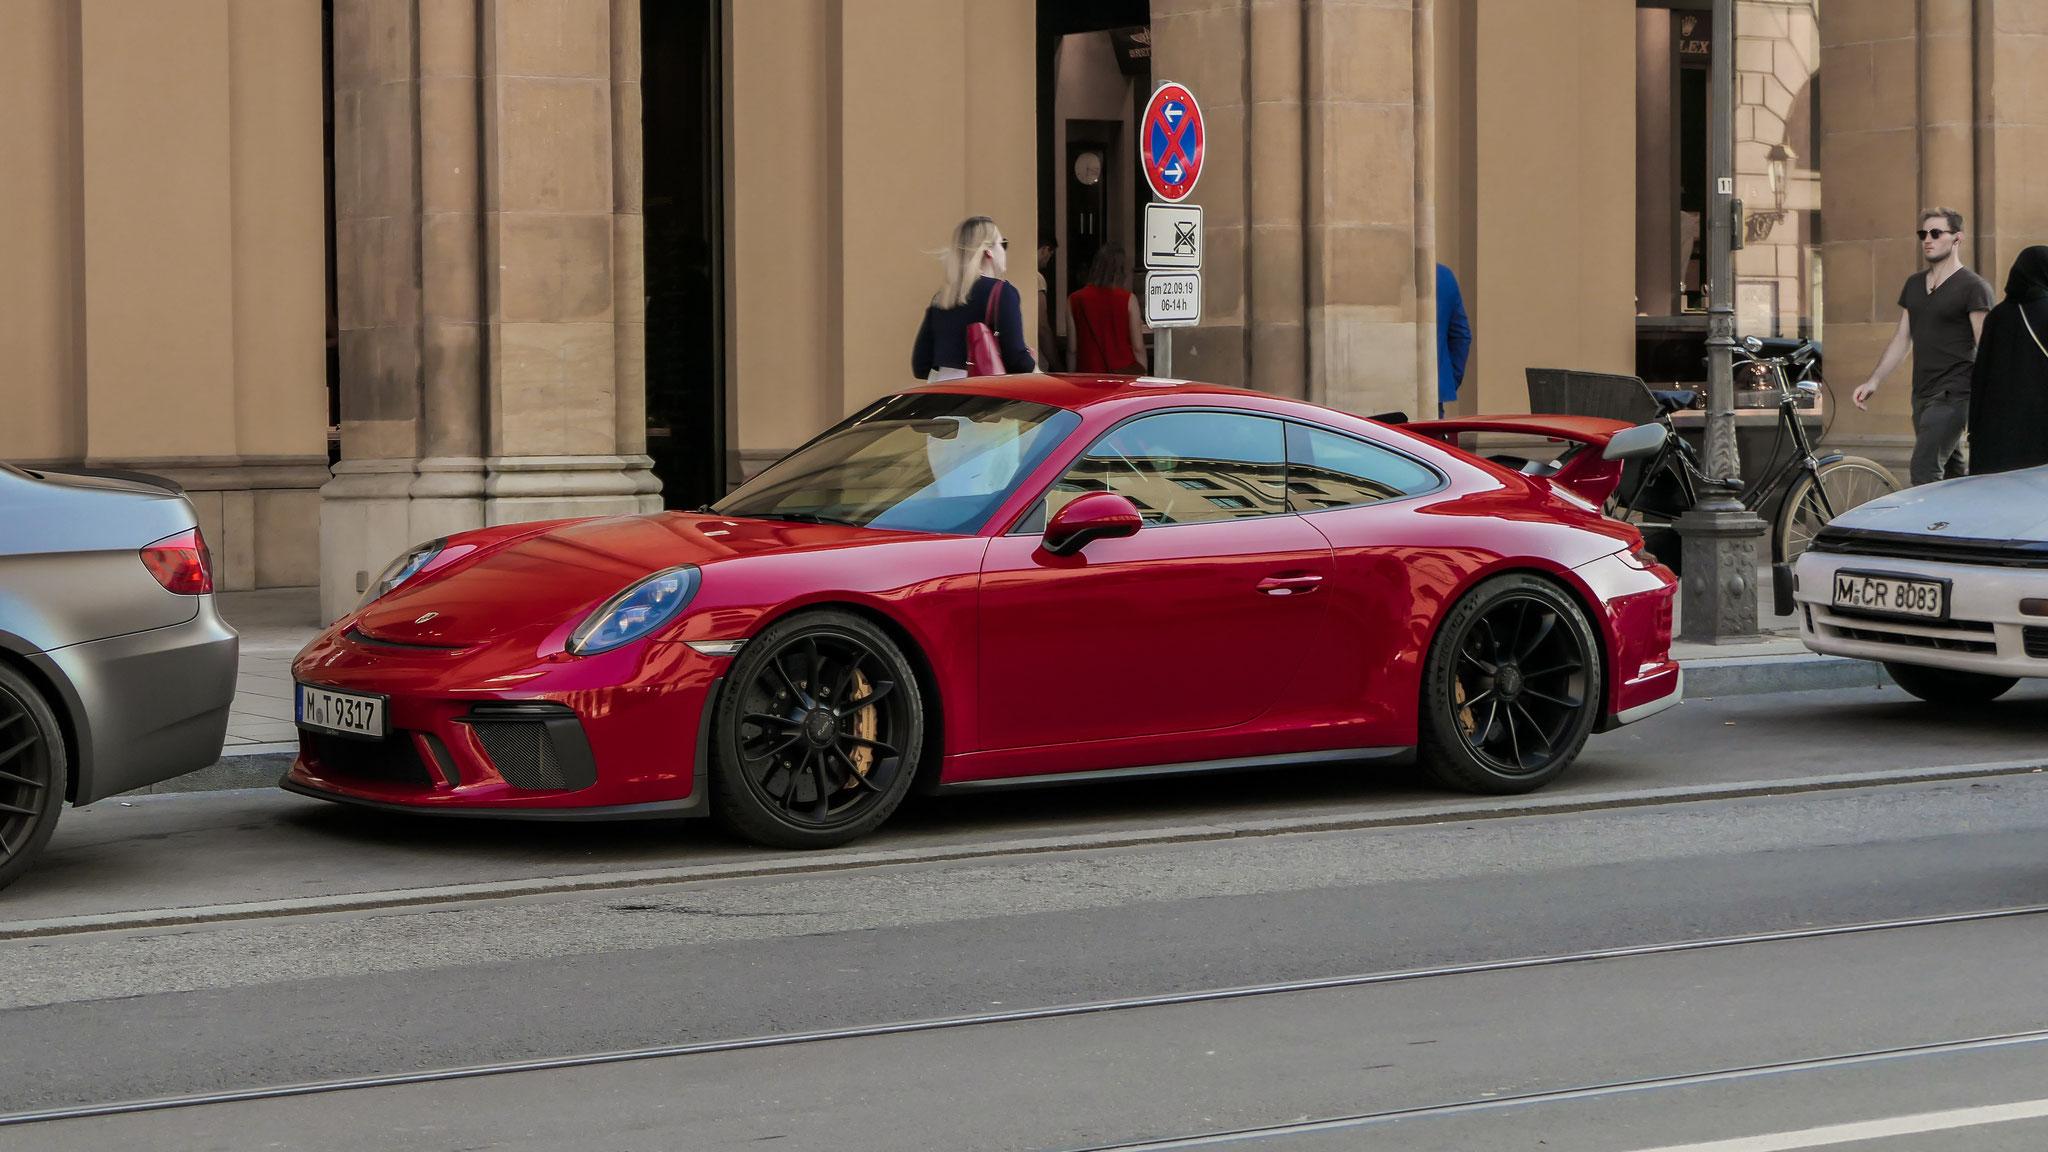 Porsche 991 GT3 - M-T-9317